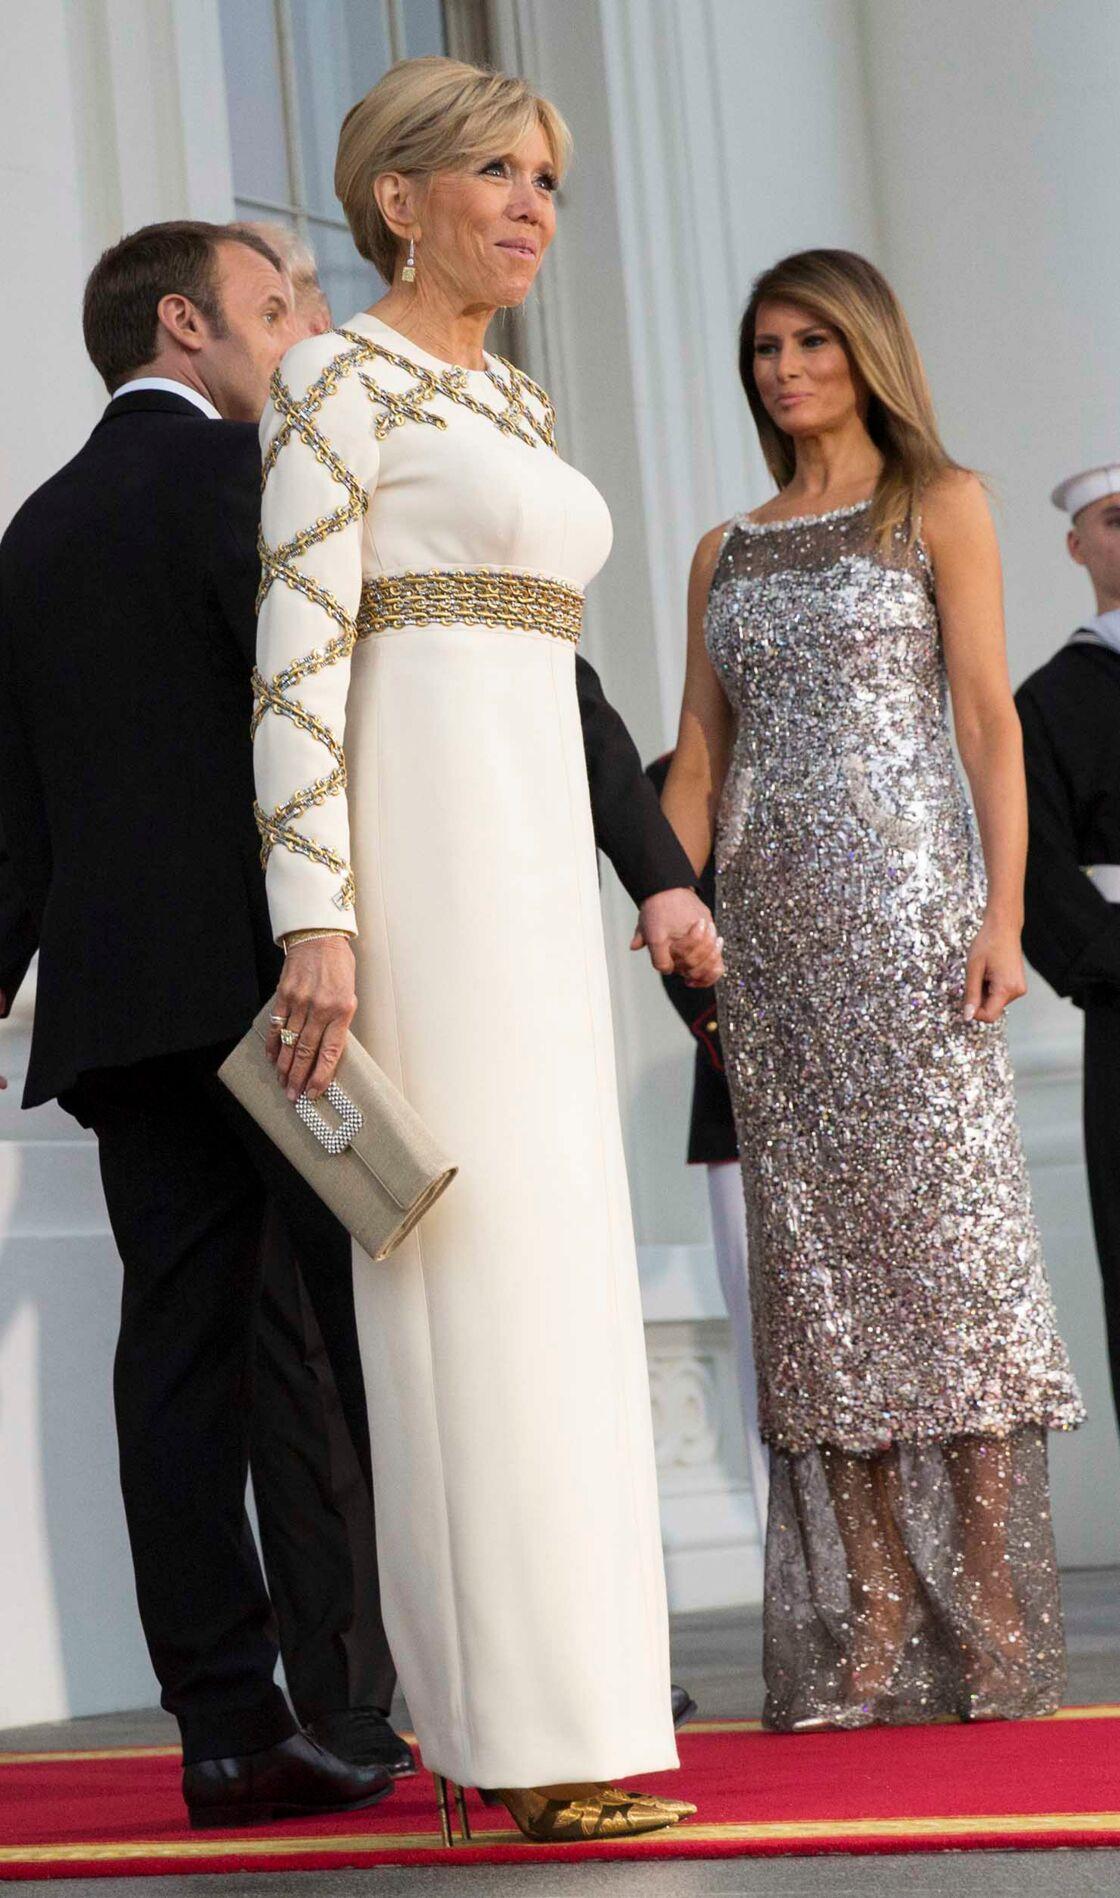 Robes De TrumpÉblouissantes En Macronamp; Soirée Melania Brigitte m80vONnw